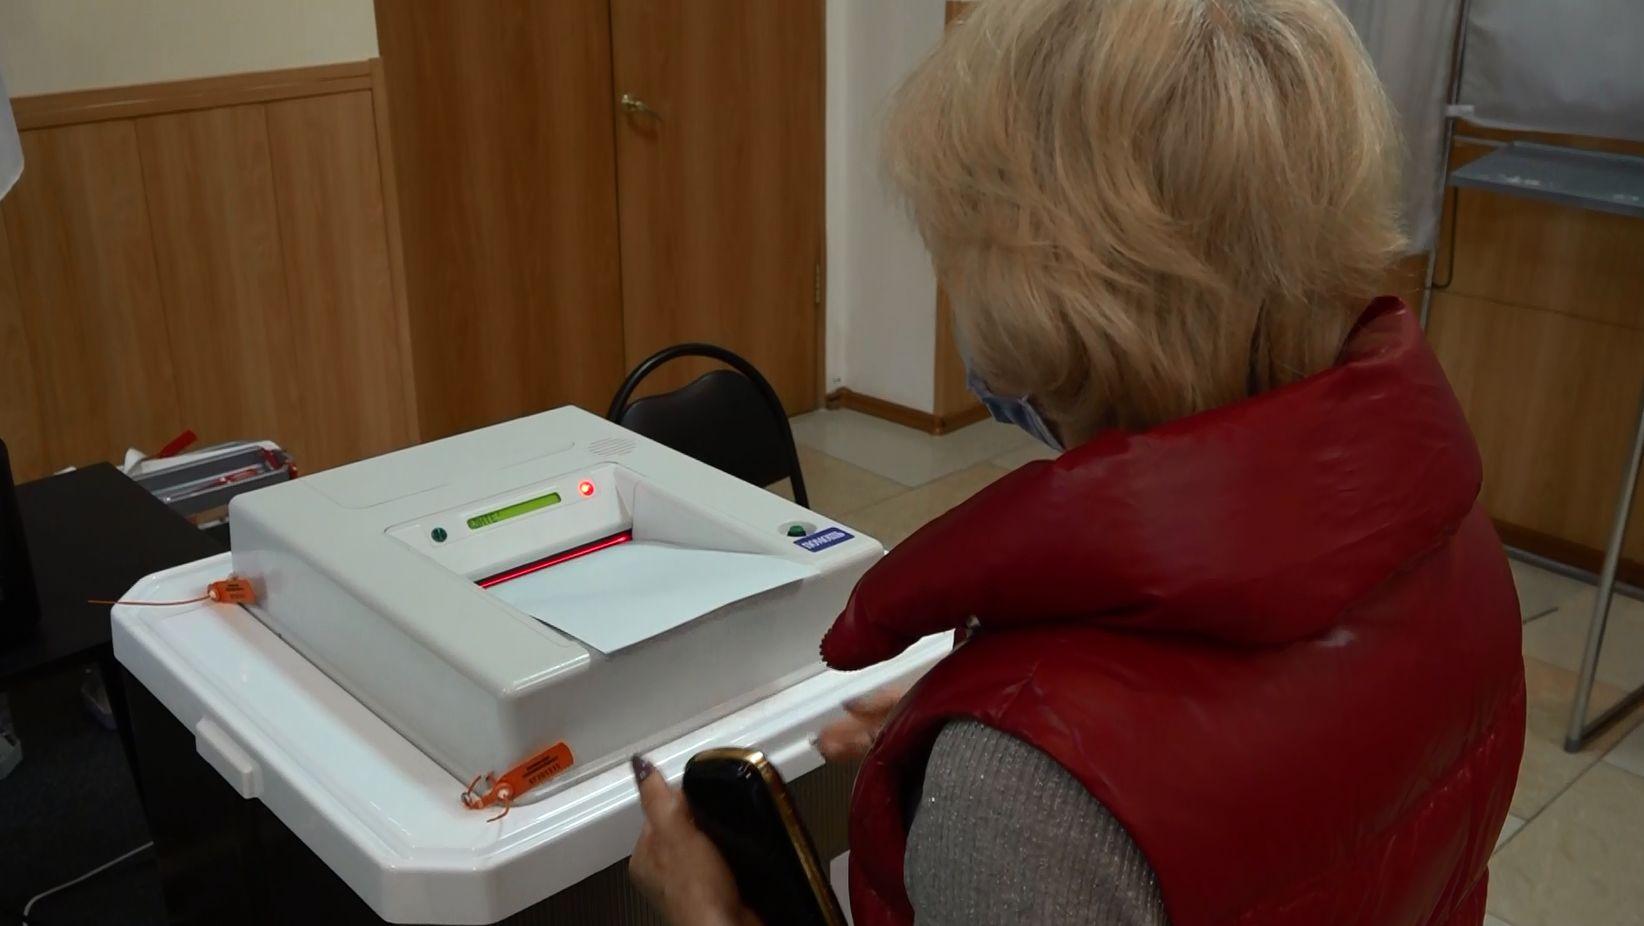 За 3 дня выборов в Ярославской области работало 846 избирательных участков, явка на онлайн-голосование составила 94%